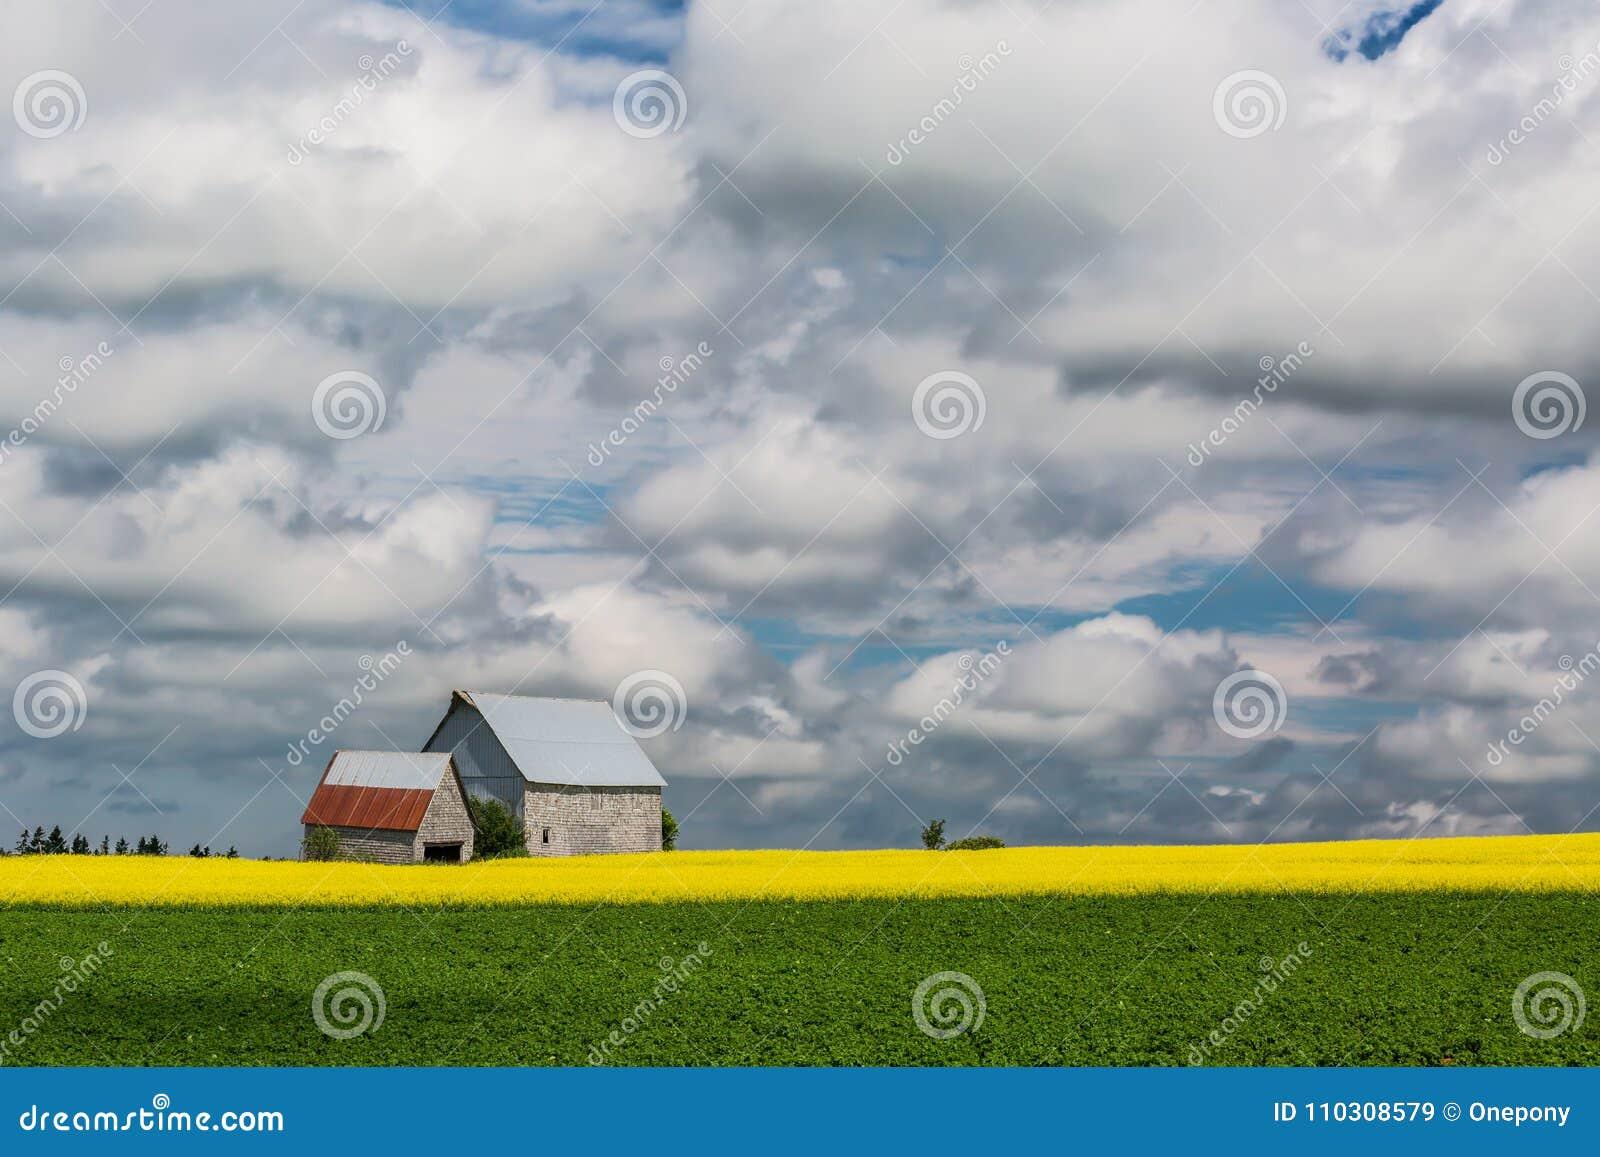 PEI Rural Farmland